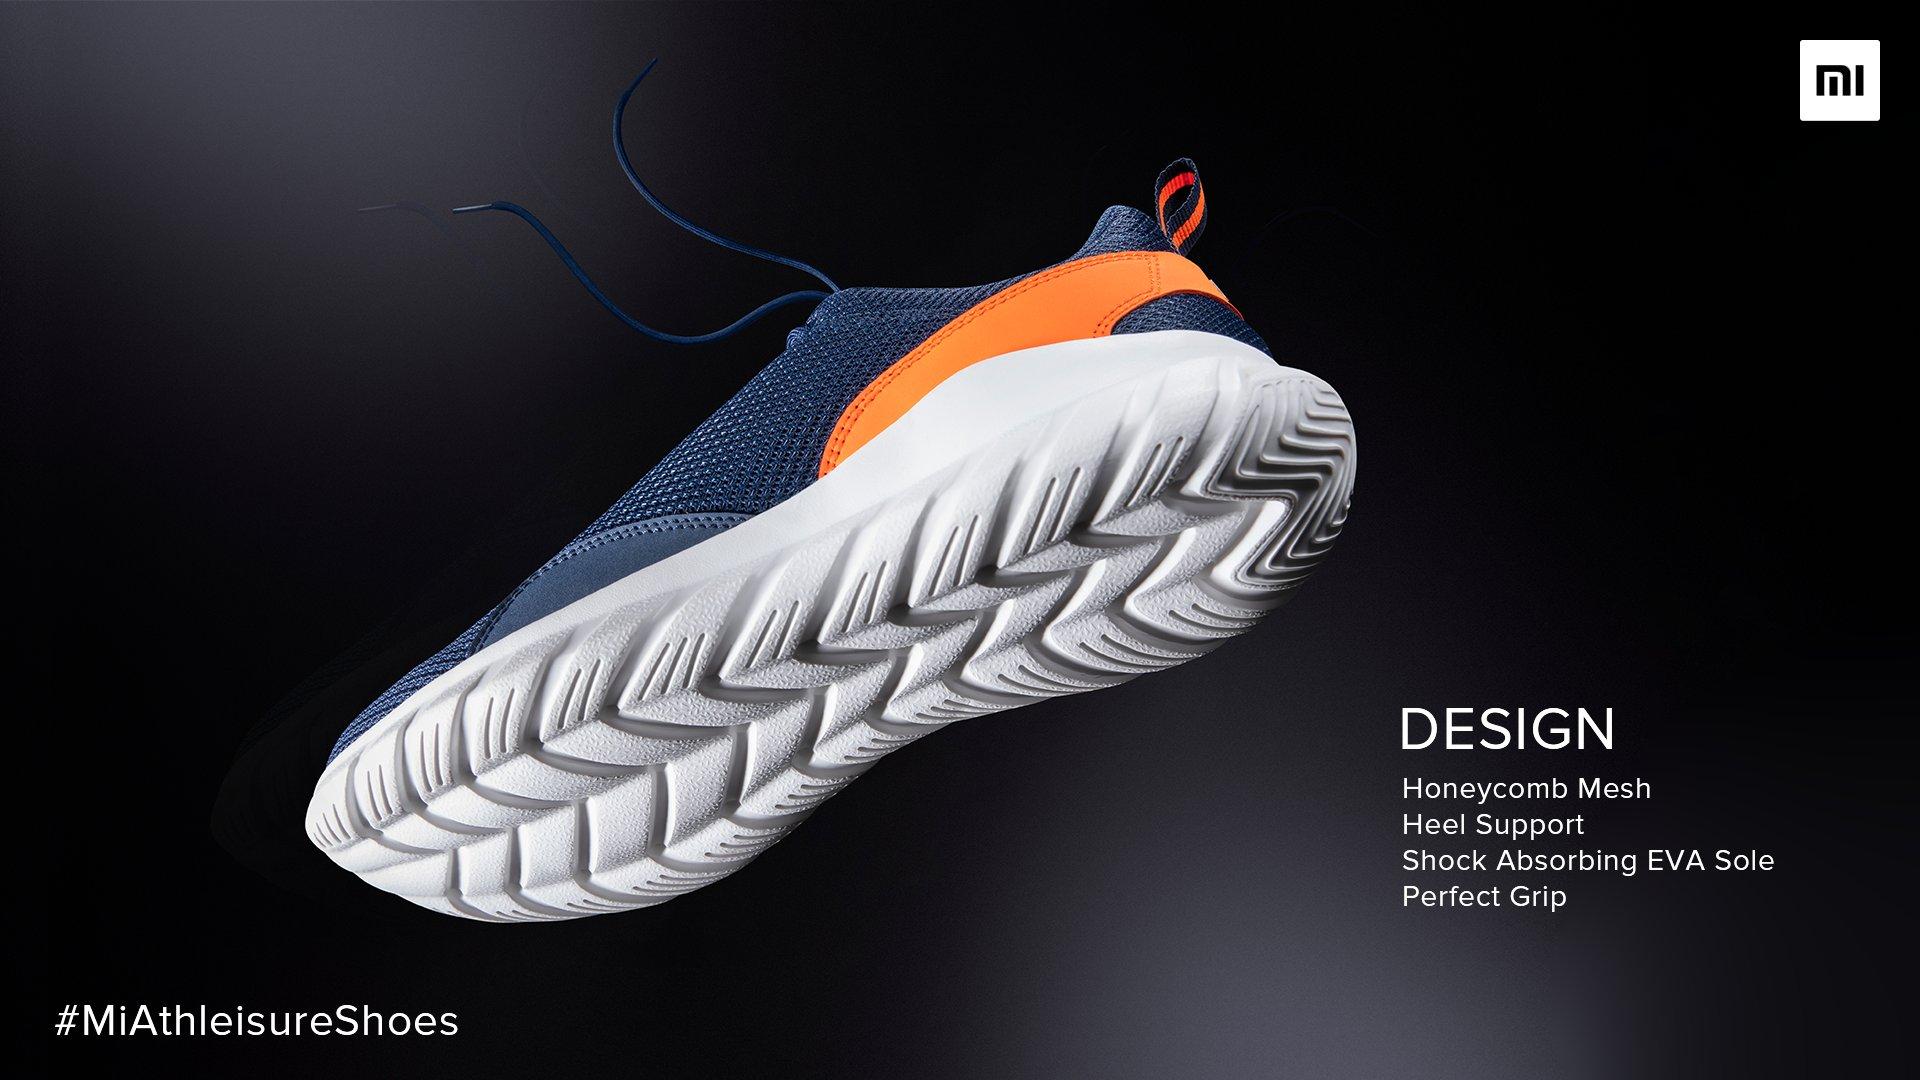 Nuevas Xiaomi Mi Athleisure Shoes, unas zapatillas deportivas de diseño casual. Noticias Xiaomi Adictos